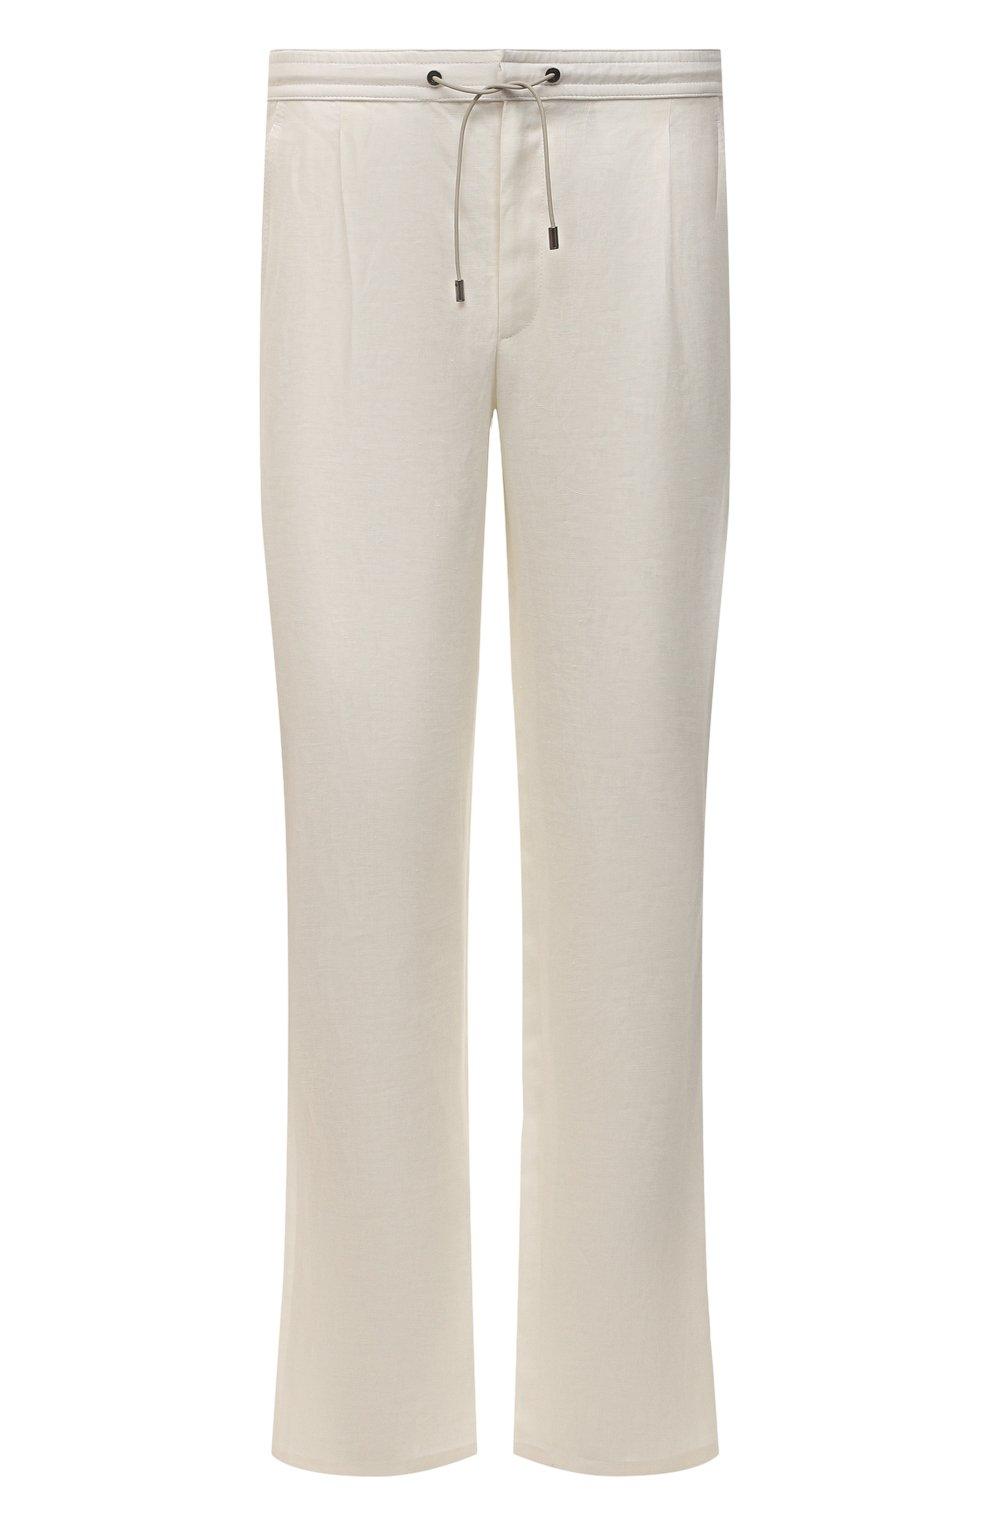 Мужские льняные брюки BRIONI белого цвета, арт. RPMJ0M/P6114/NEW JAMAICA   Фото 1 (Длина (брюки, джинсы): Стандартные; Случай: Повседневный; Материал внешний: Лен; Стили: Кэжуэл)